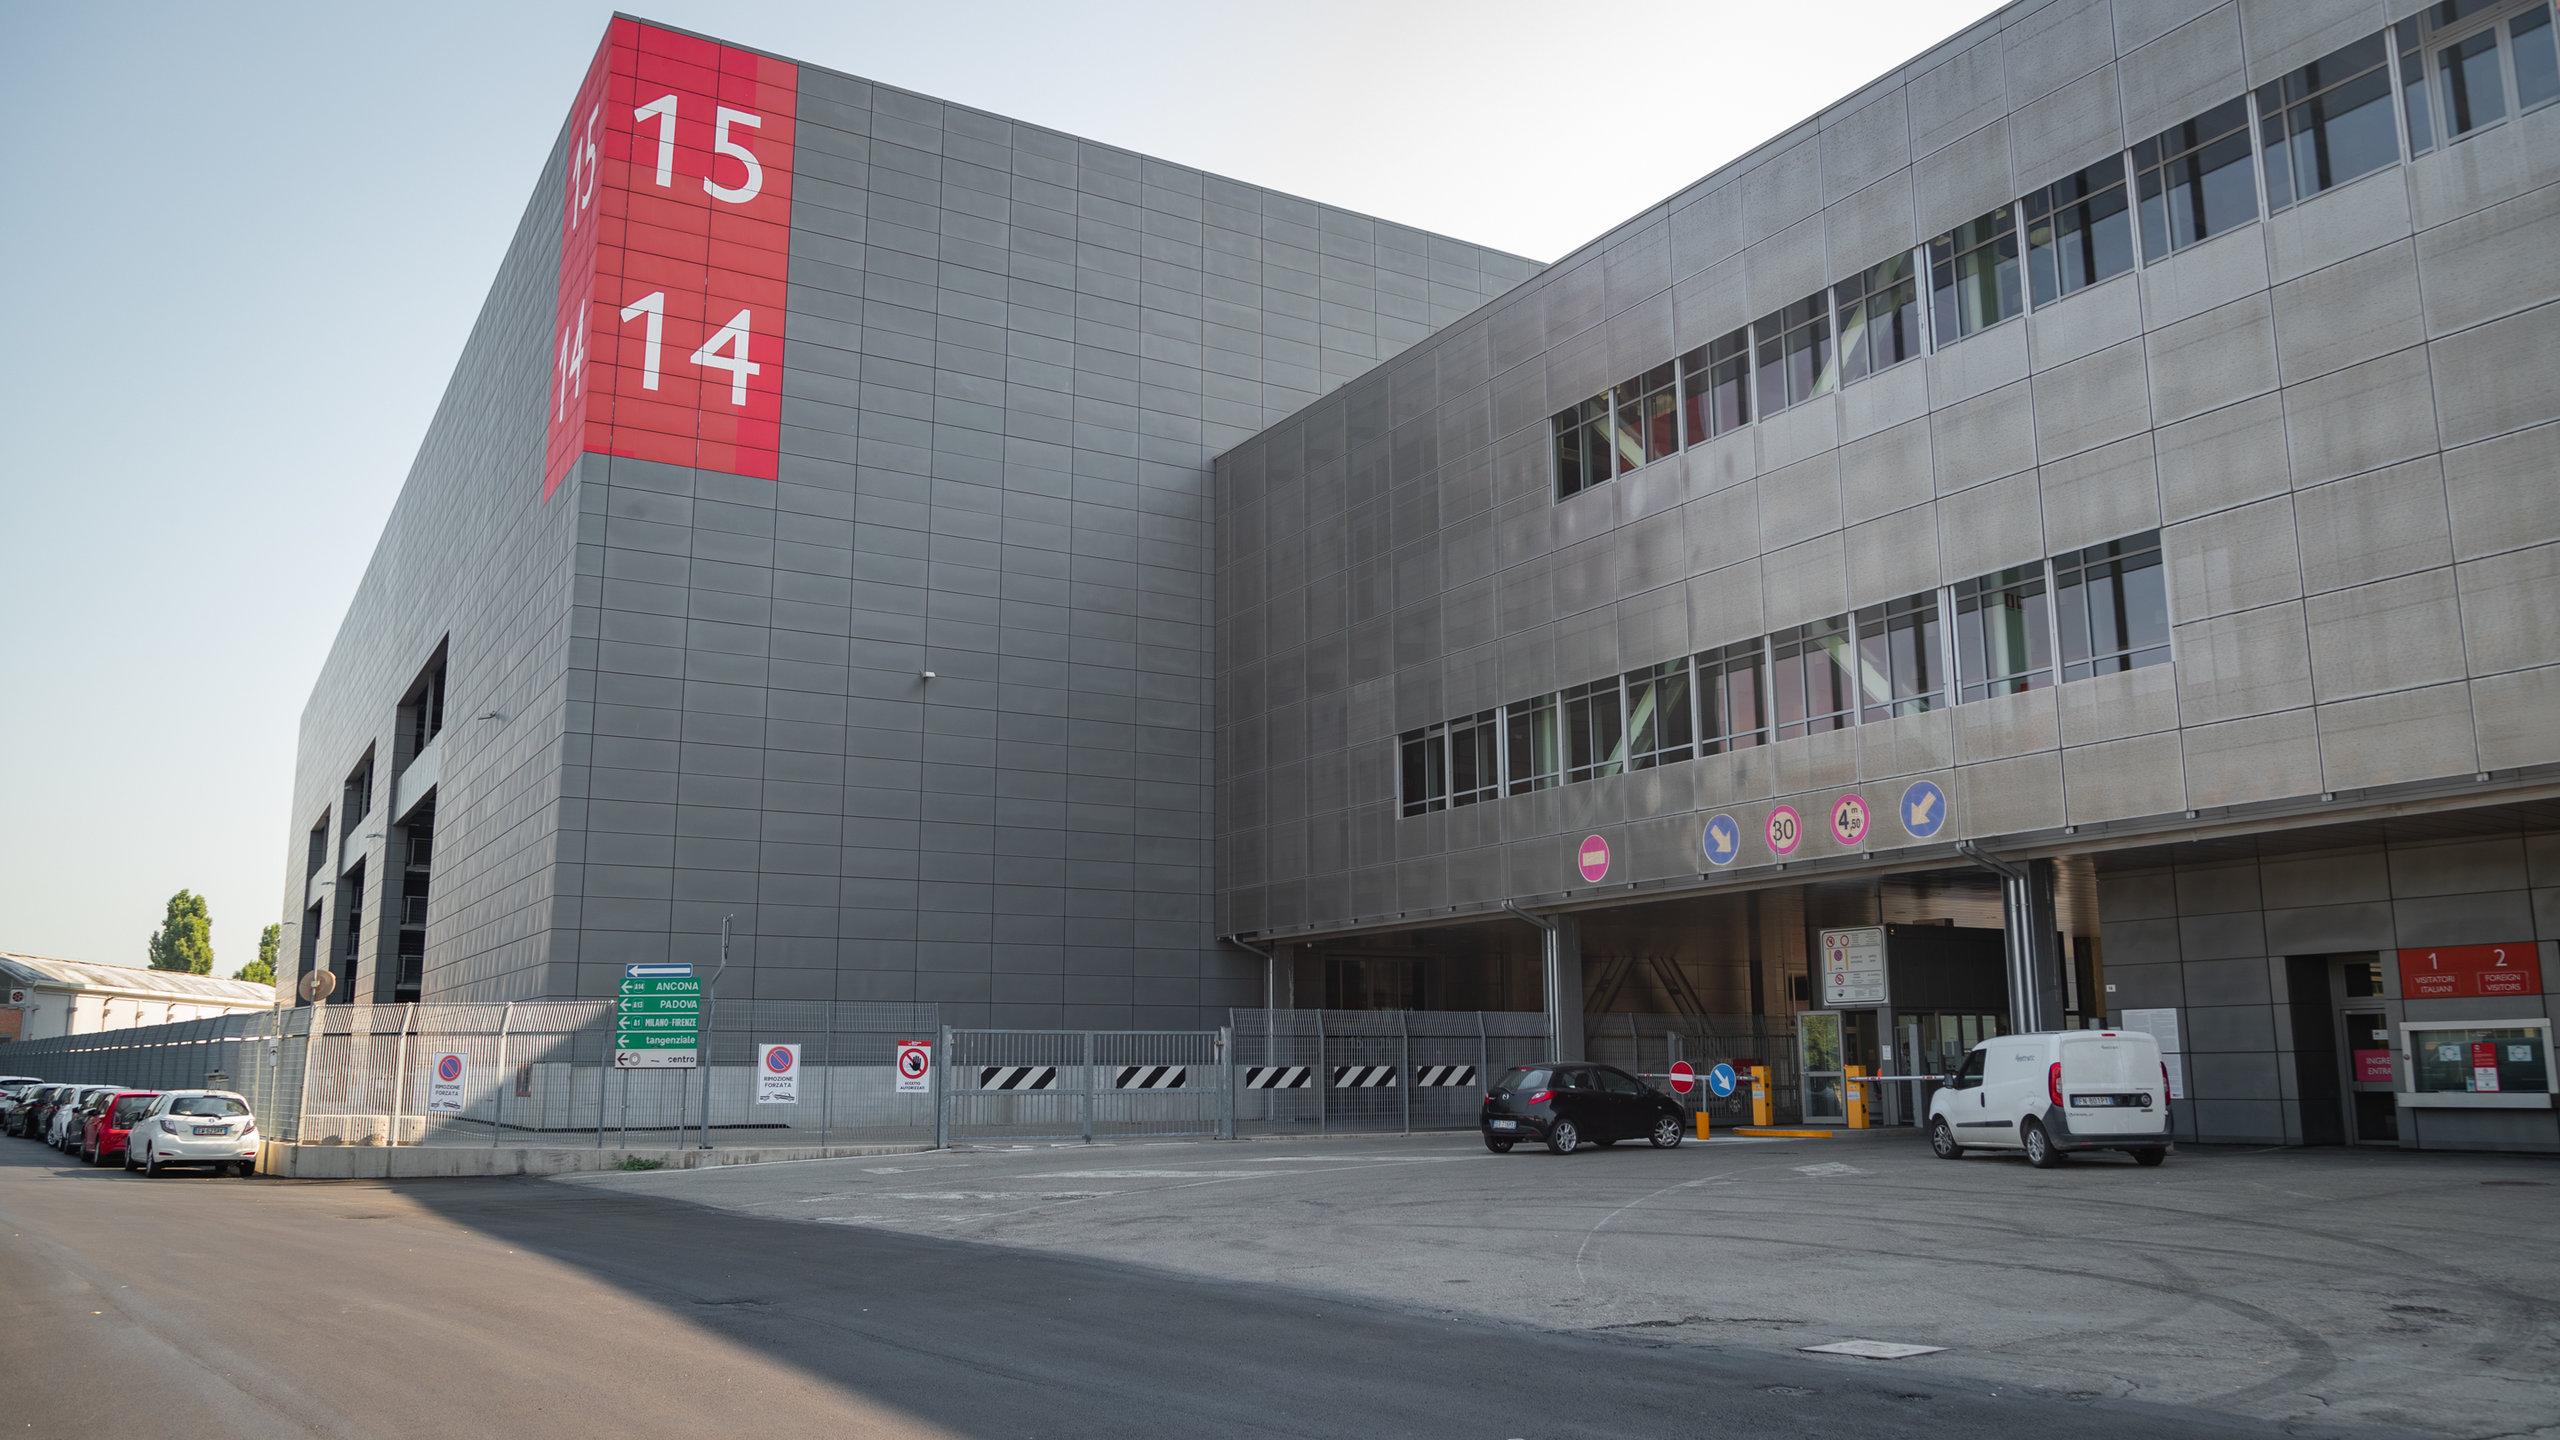 Erfahren Sie mehr über die Veranstaltungen, die in BolognaFiere während Ihres Aufenthalts in Bologna stattfinden. Schlendern Sie über den Campus der Universität oder lernen Sie die Museen vor Ort kennen.